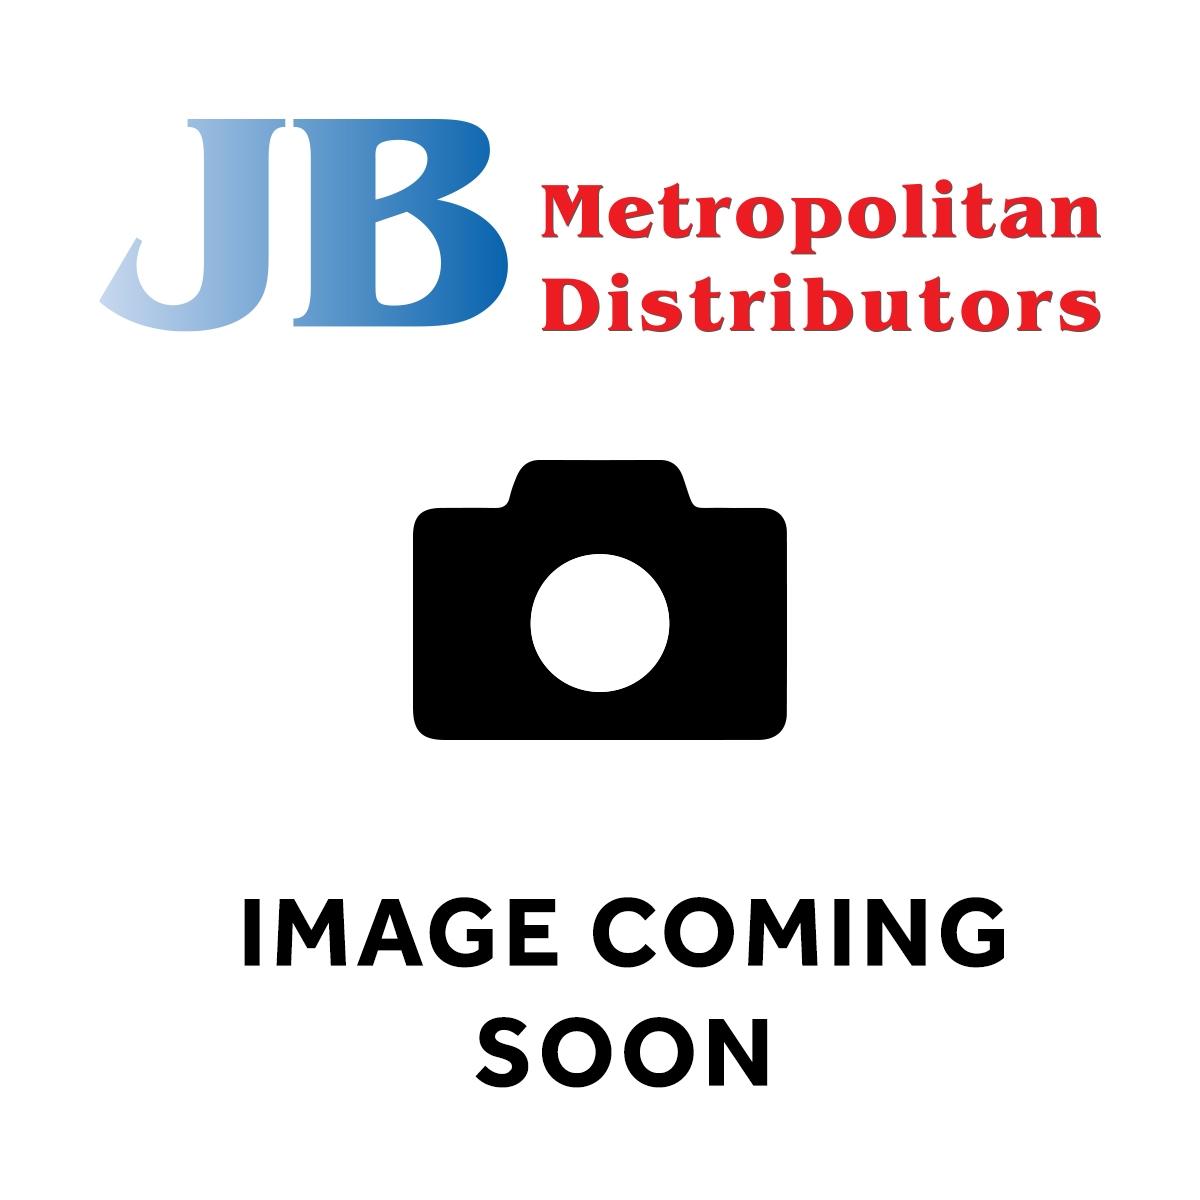 MALTESER DARK BAGS 250G (8)